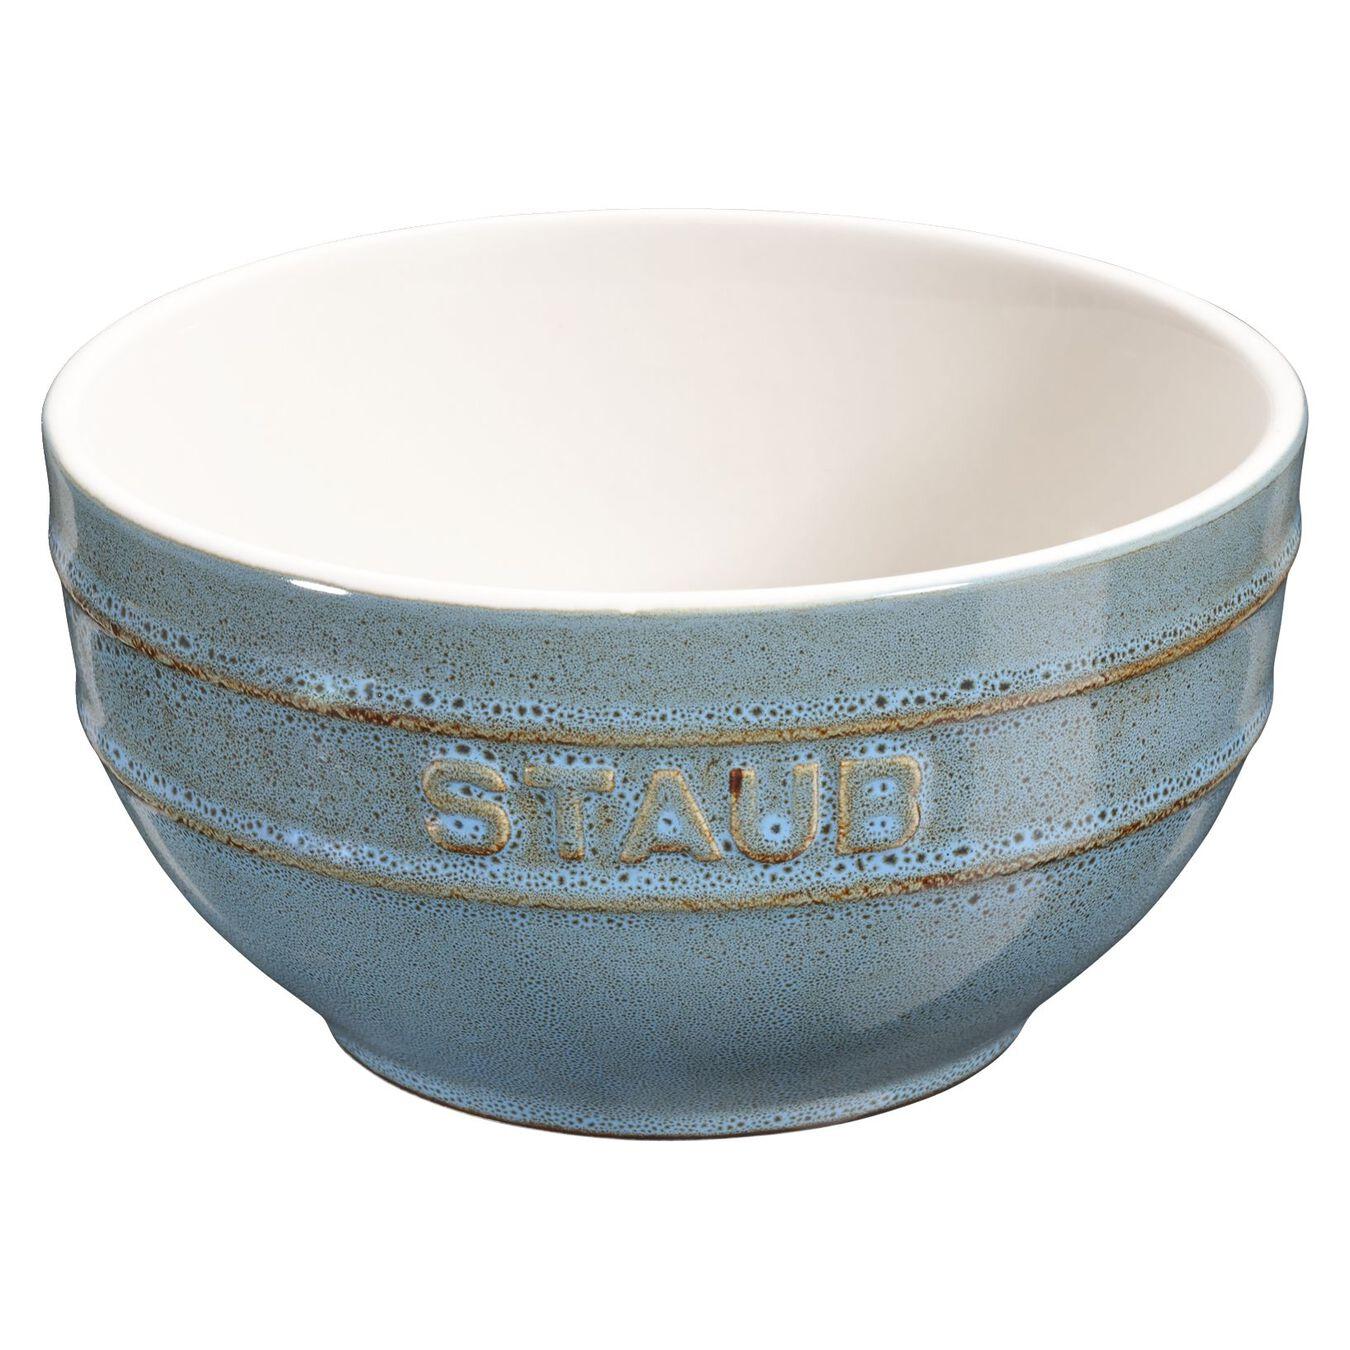 Ciotola rotonda - 12 cm, Colore turchese antico,,large 1